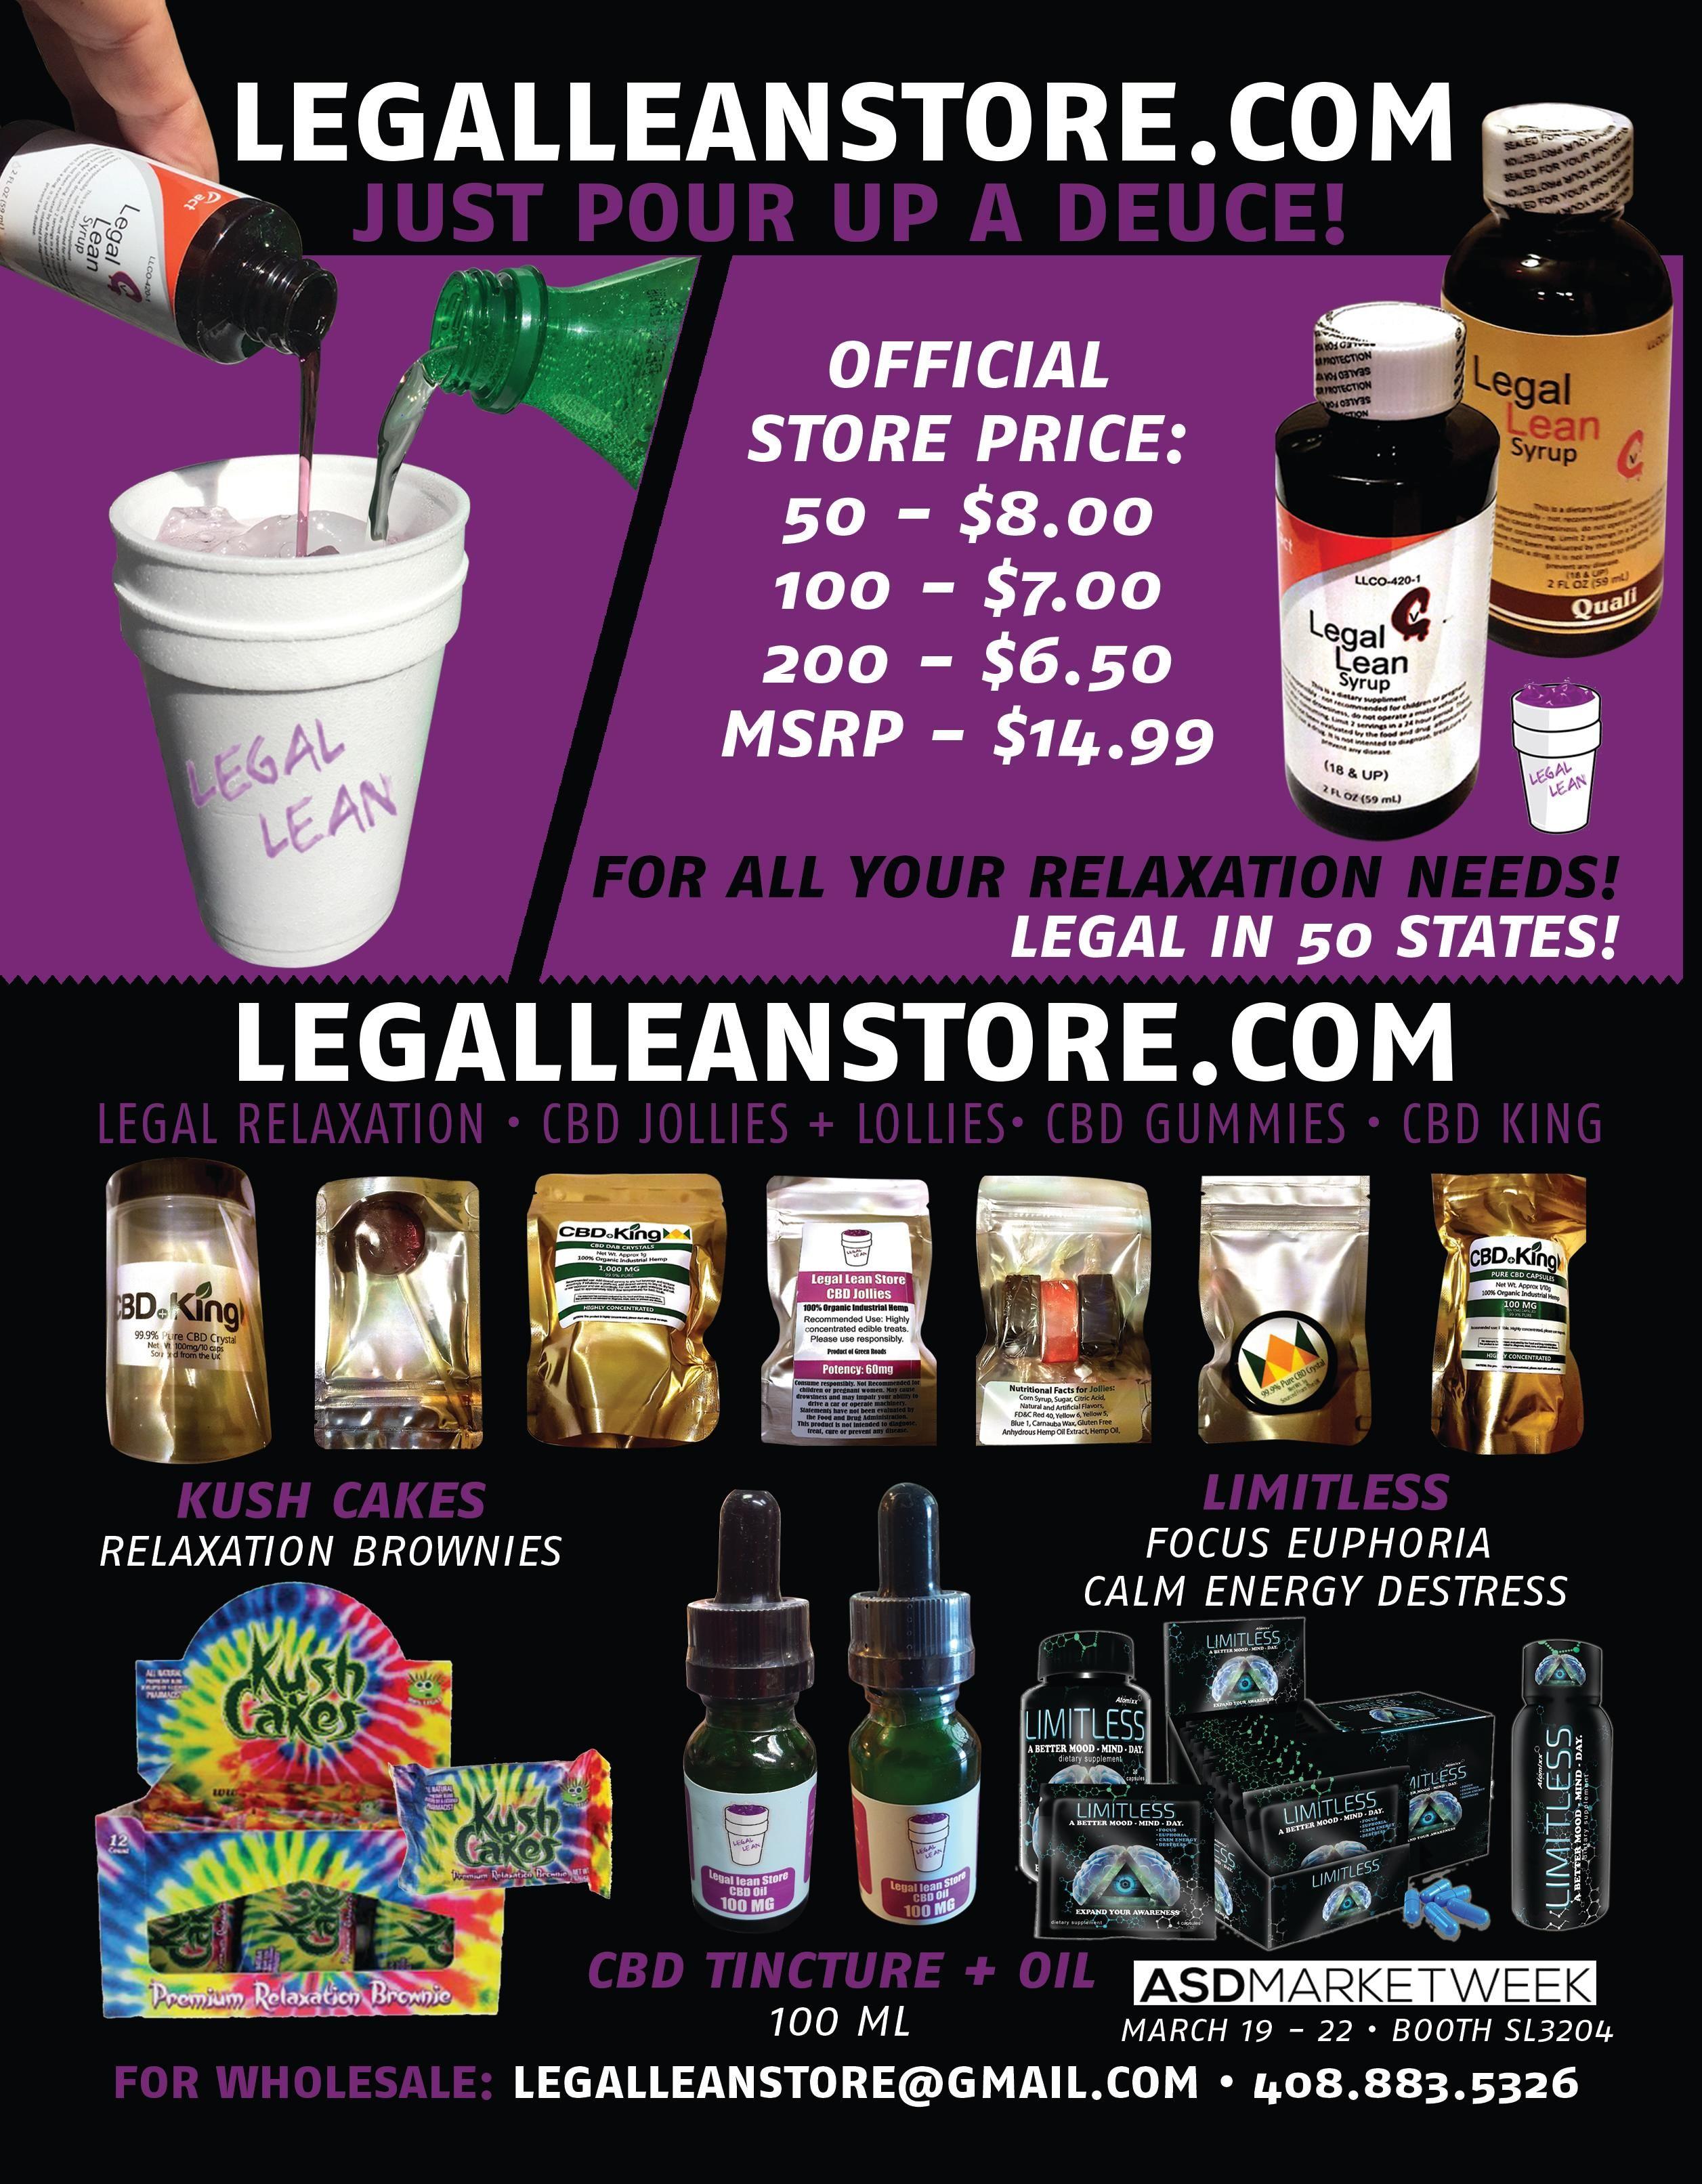 Legal lean wholesale